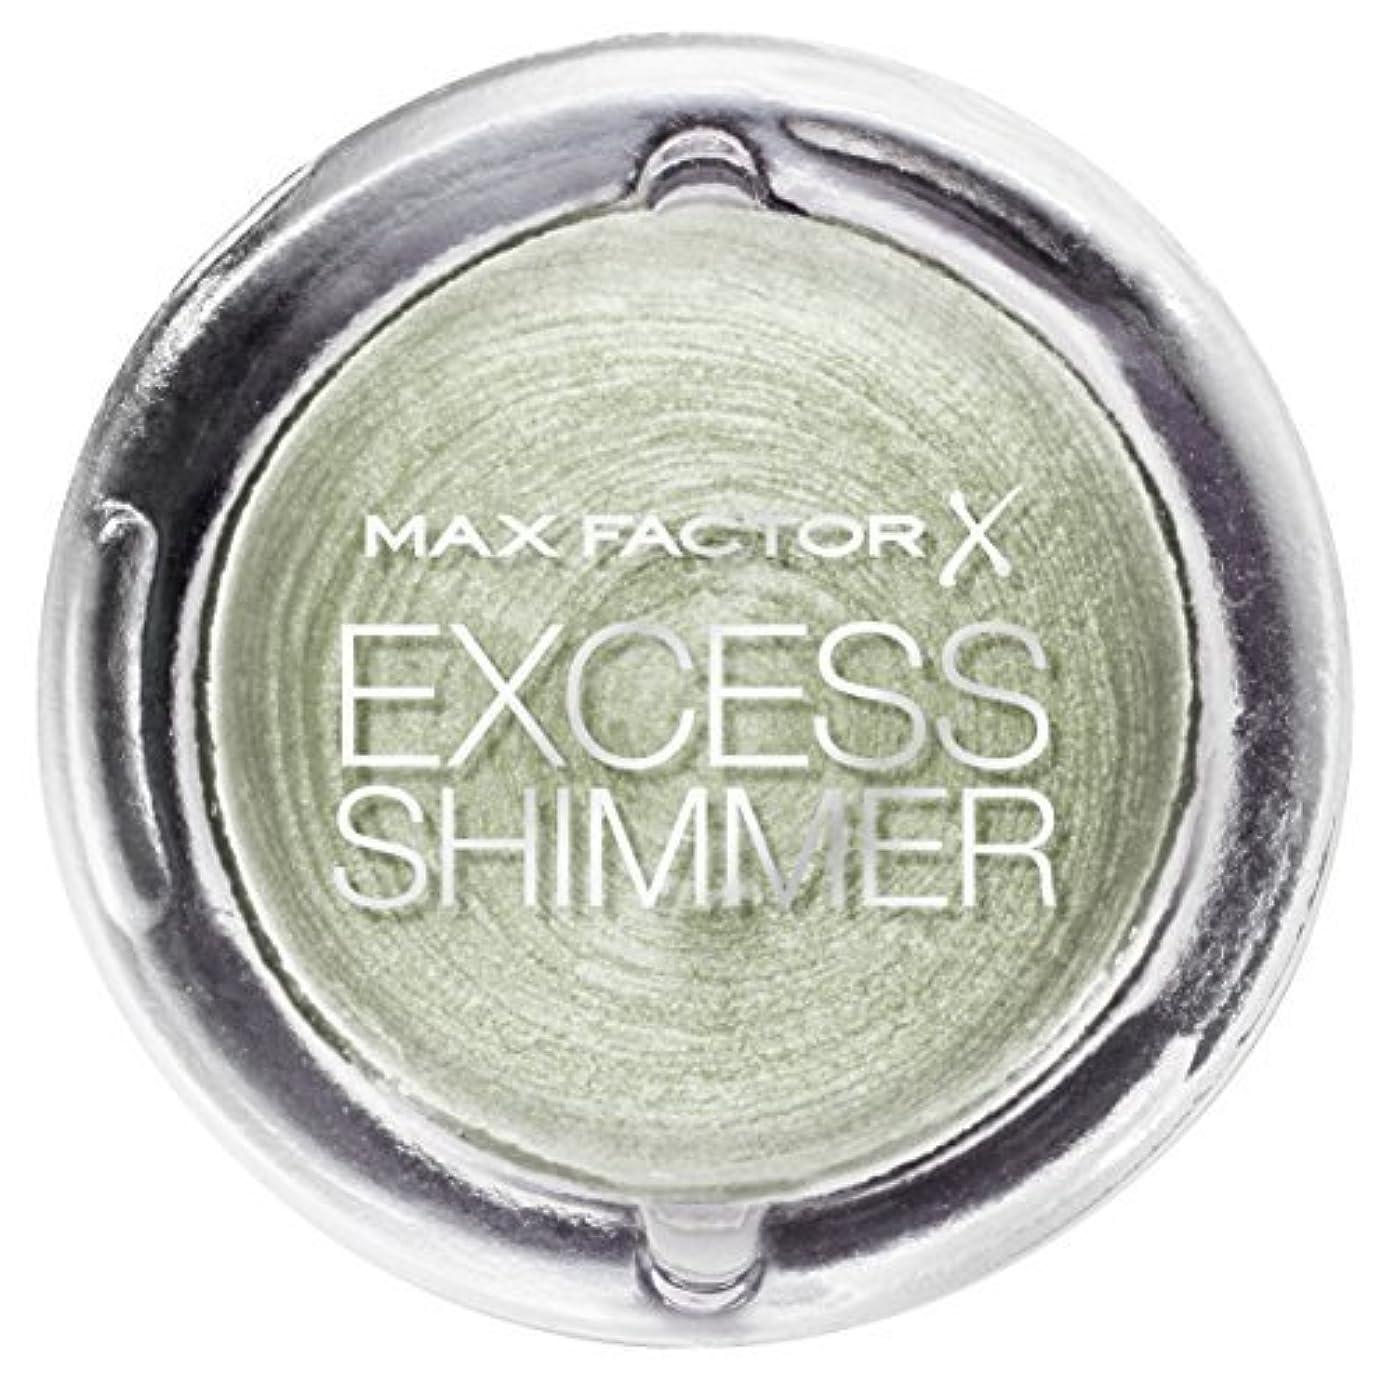 転倒ハッチ付けるMax Factor Excess Shimmer Eyeshadow in Pearl by Max Factor